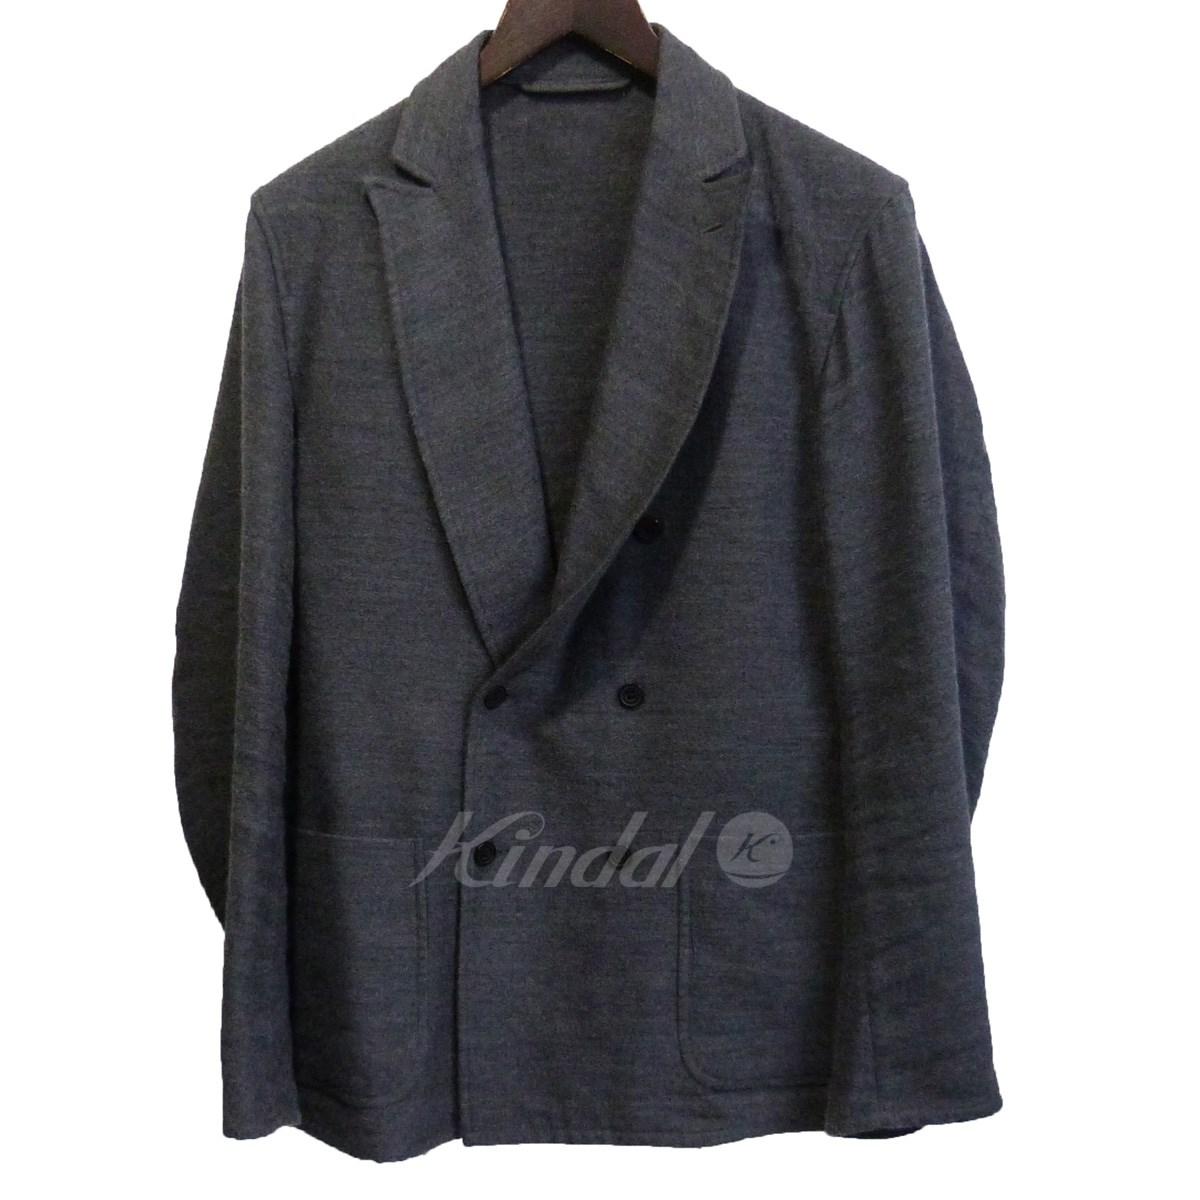 【中古】COMOLI 2015AW ウールリネンダブルブレストジャケット グレー サイズ:2 【201019】(コモリ)